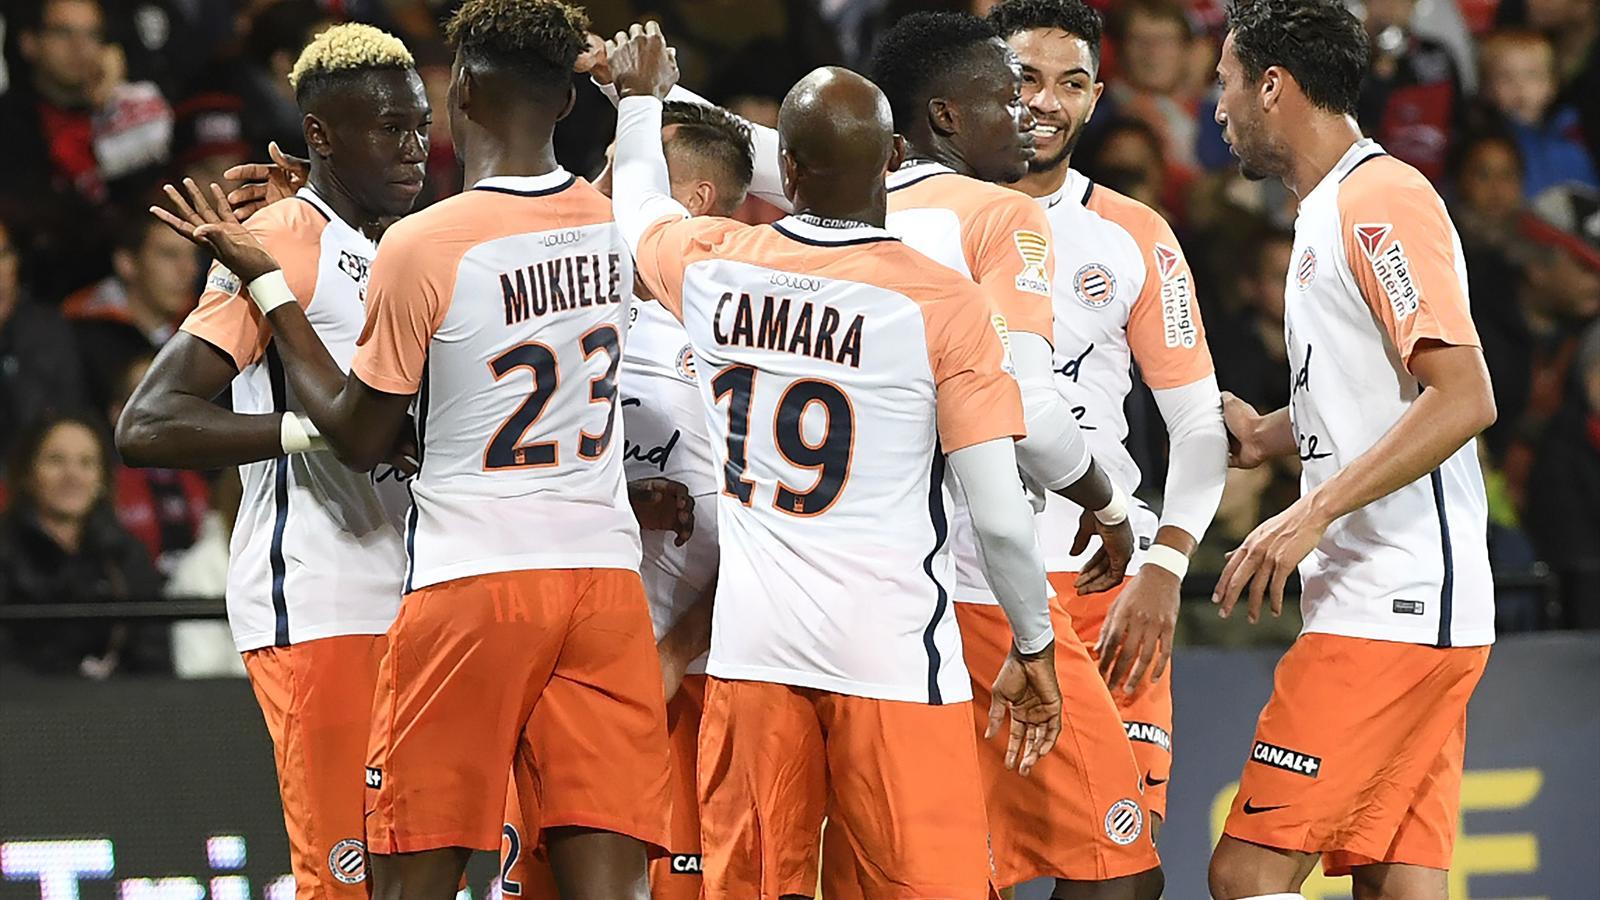 Montpellier sort guingamp en 16e de finale 0 2 coupe de la ligue 2017 2018 football - Foot coupe de france calendrier ...